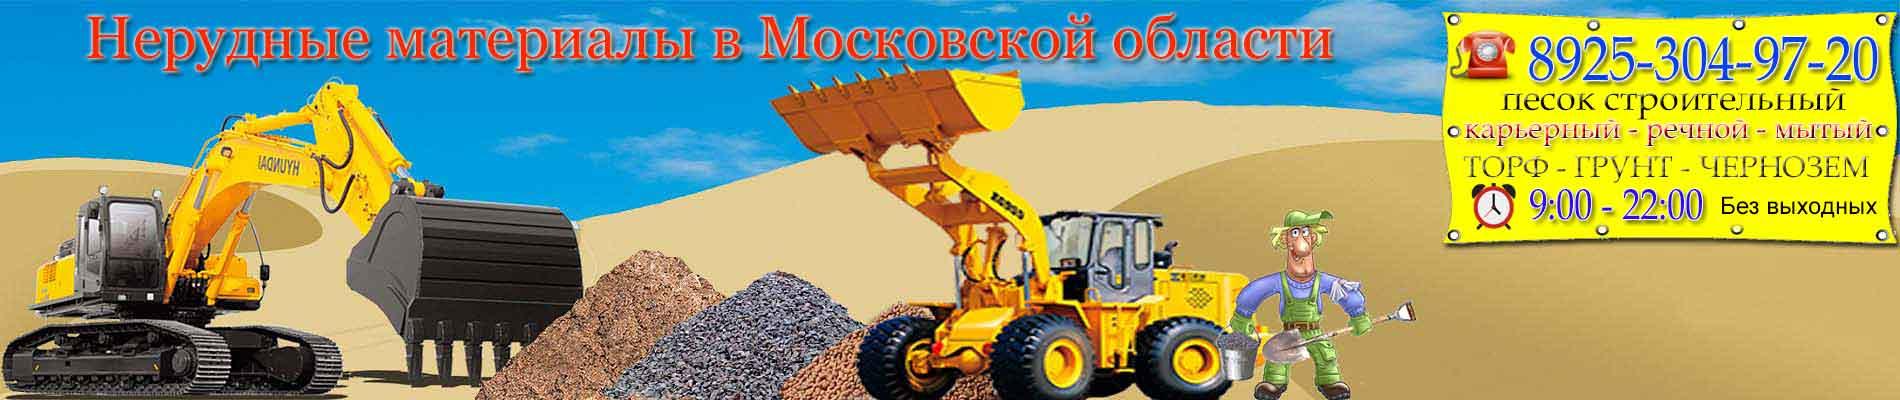 Продажа песка в Московской области